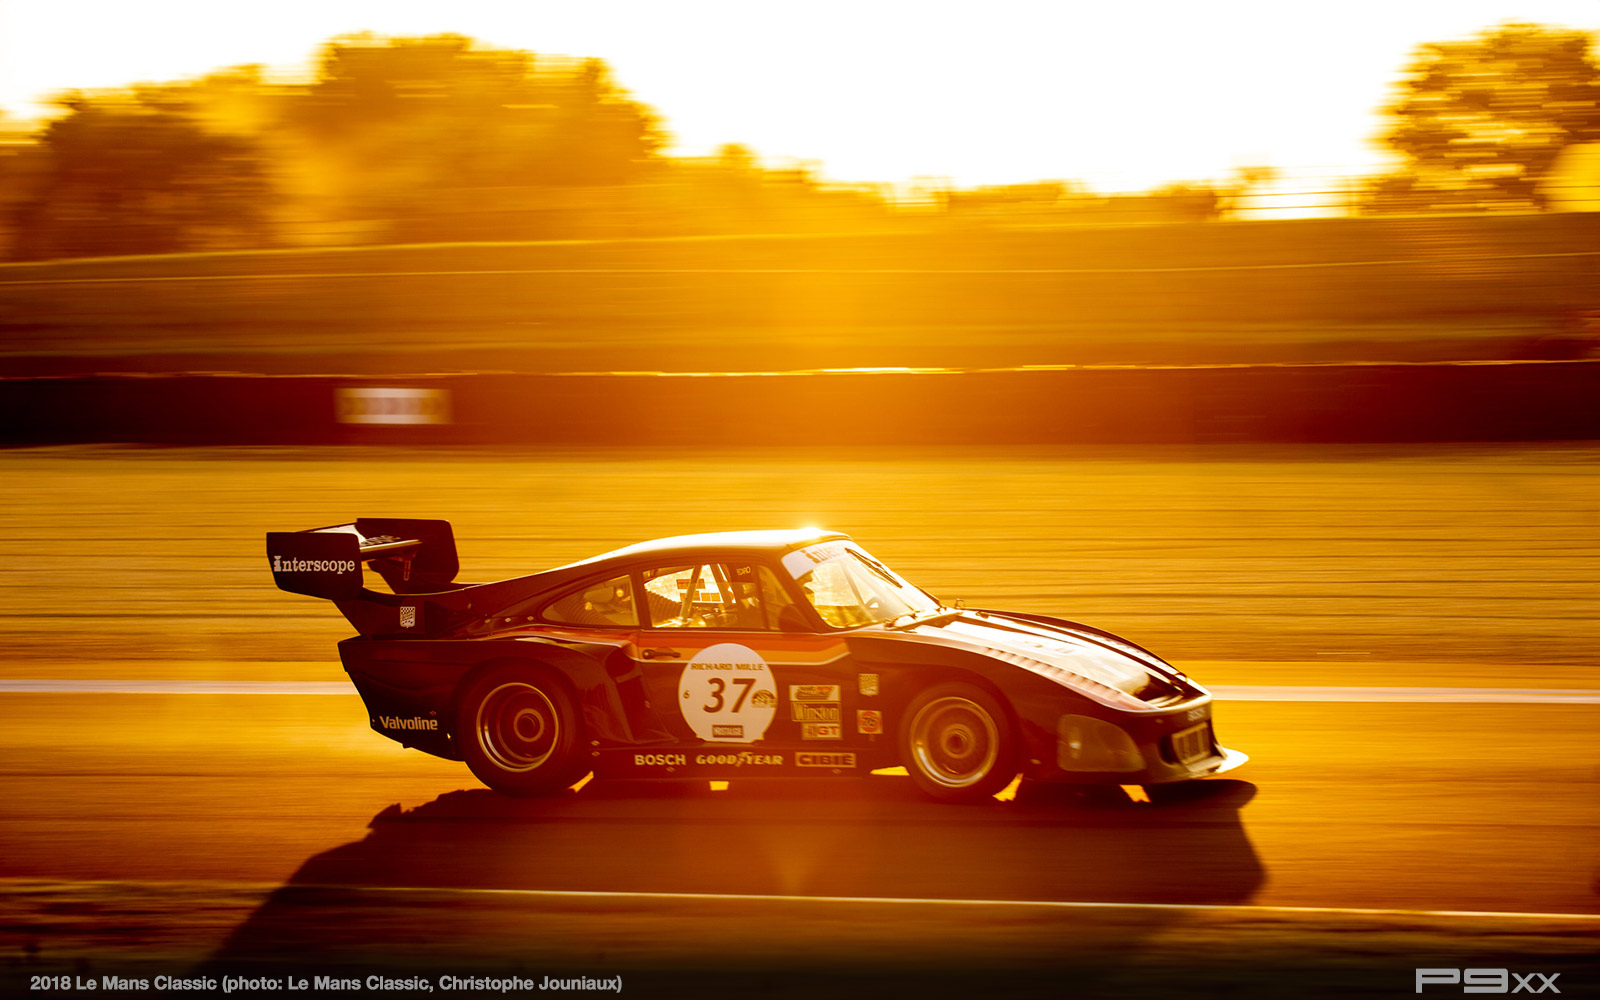 2018-Le-Mans-Classic-Porsche-296